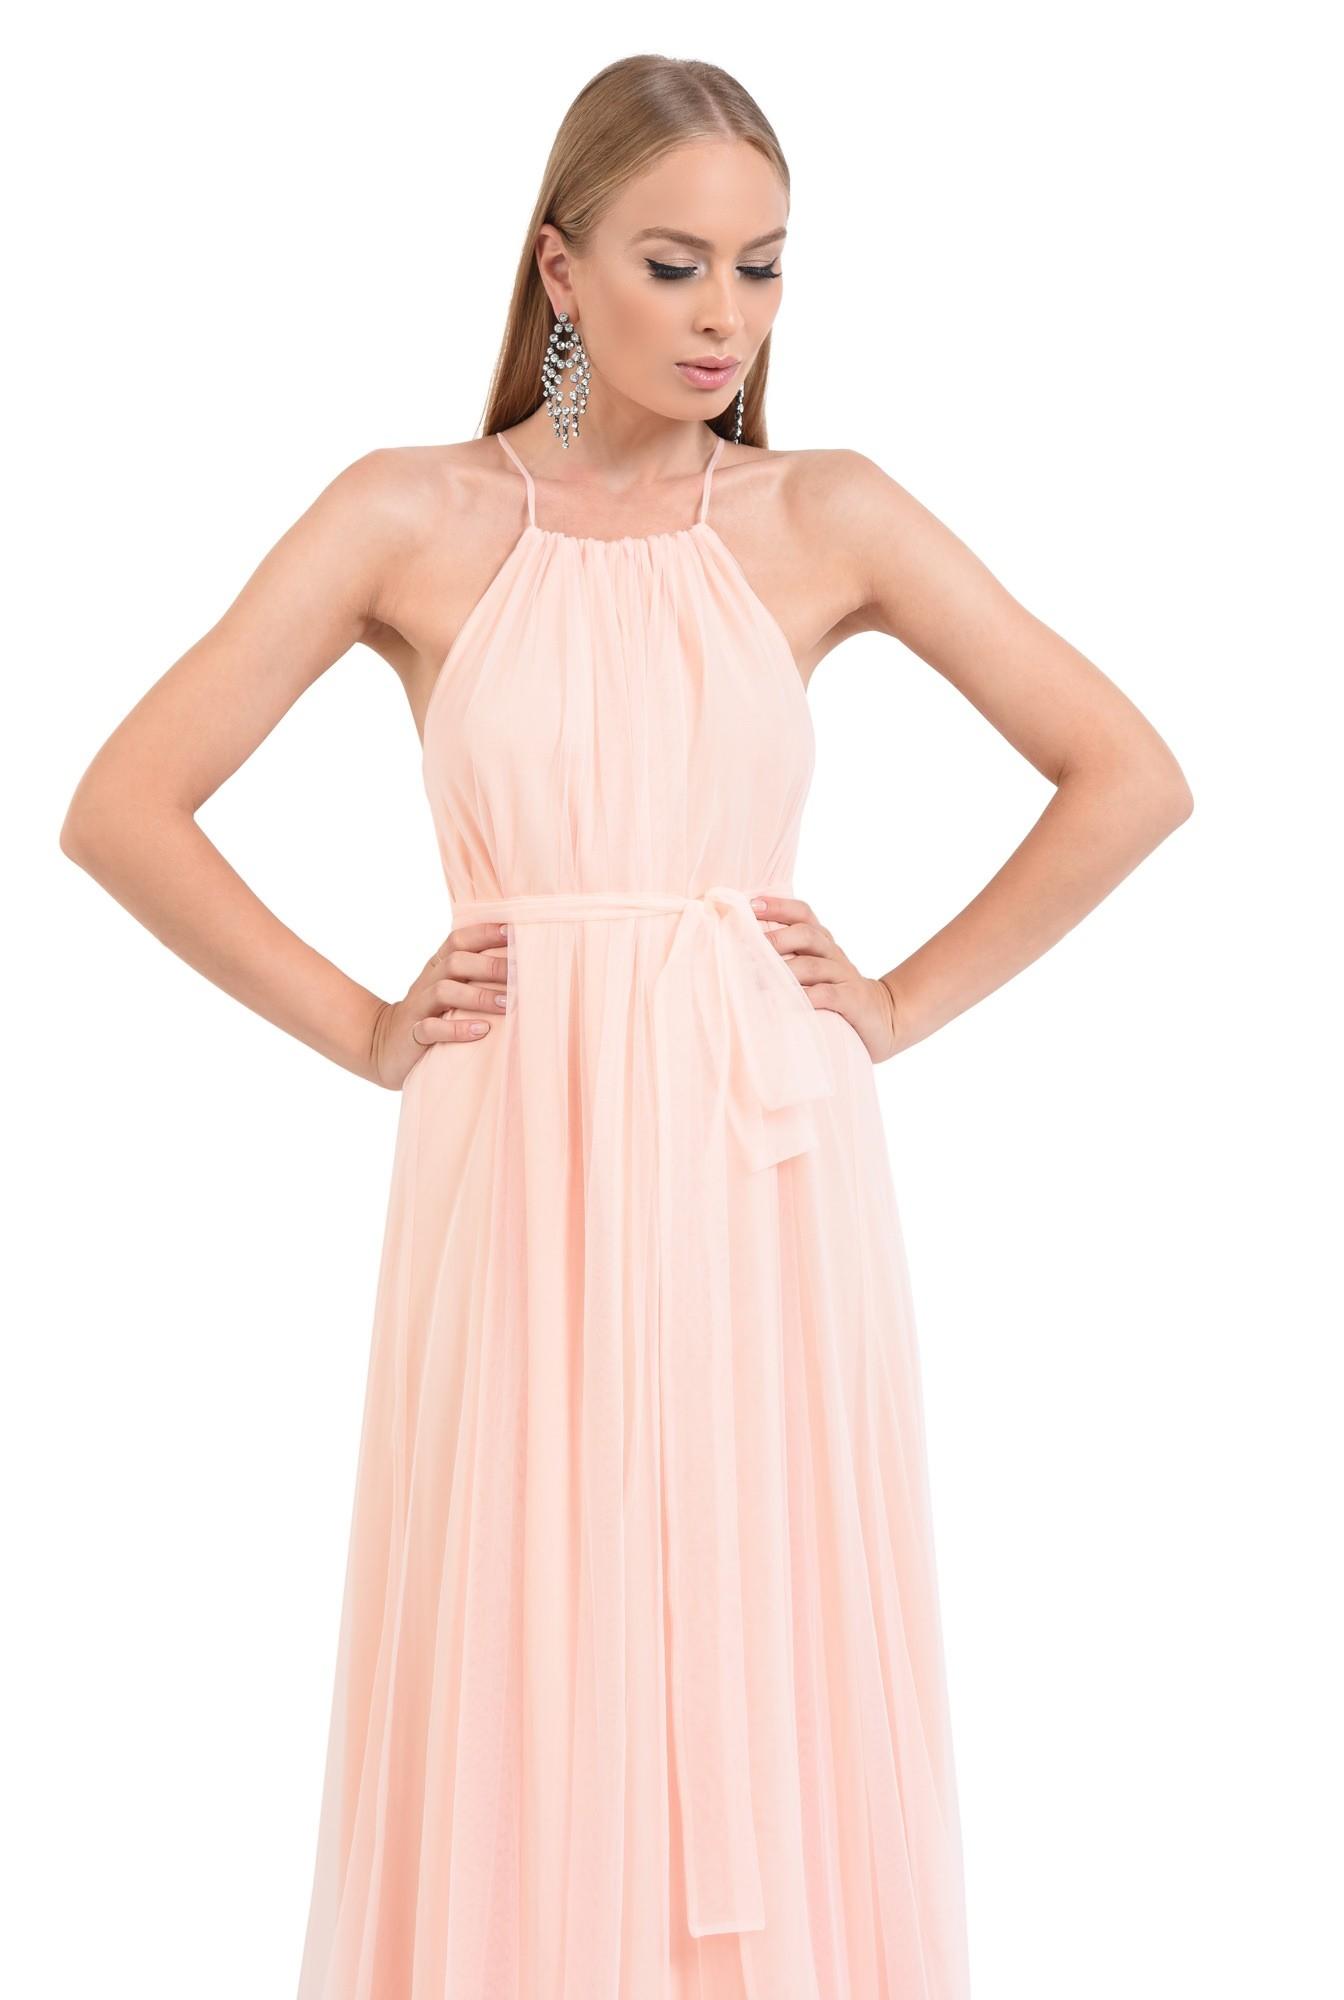 0 - rochie de ocazie, lunga, din tul, roz piersica, croi larg